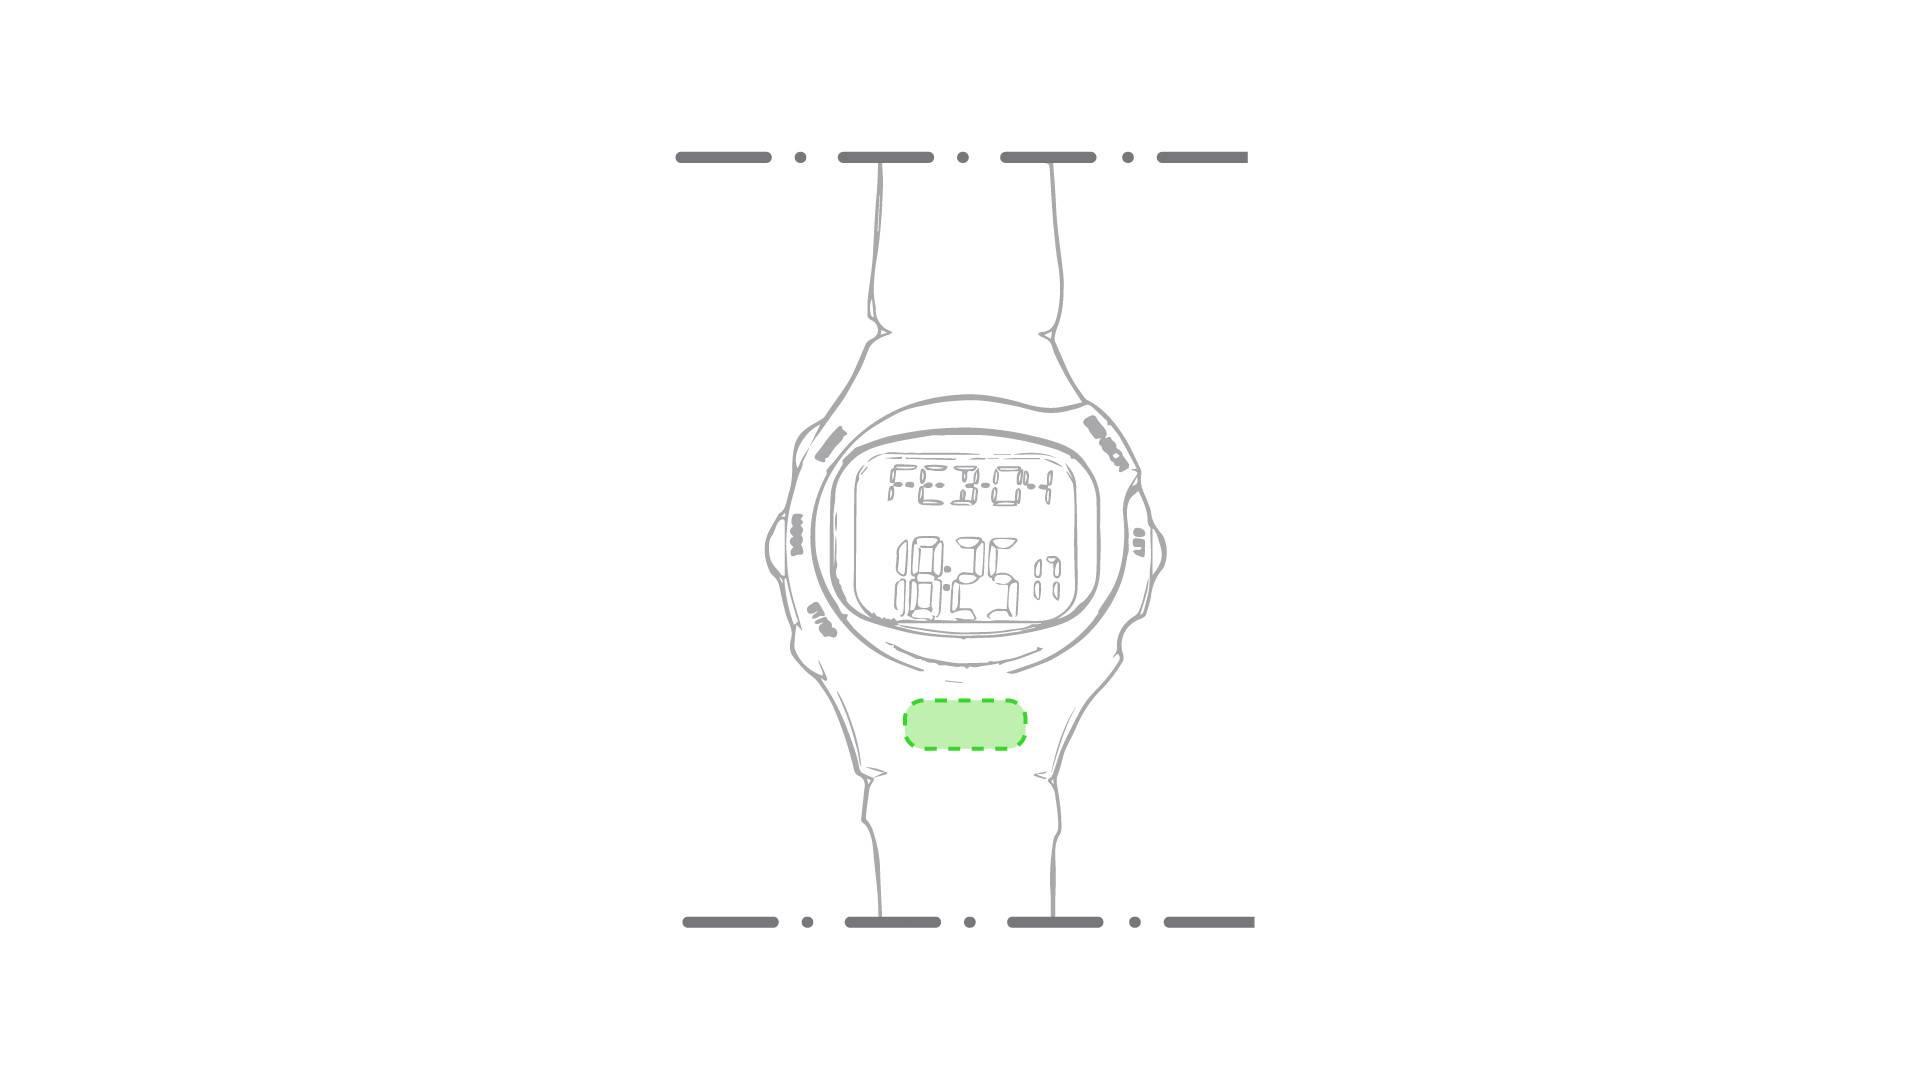 Reloj pulsómetro 1